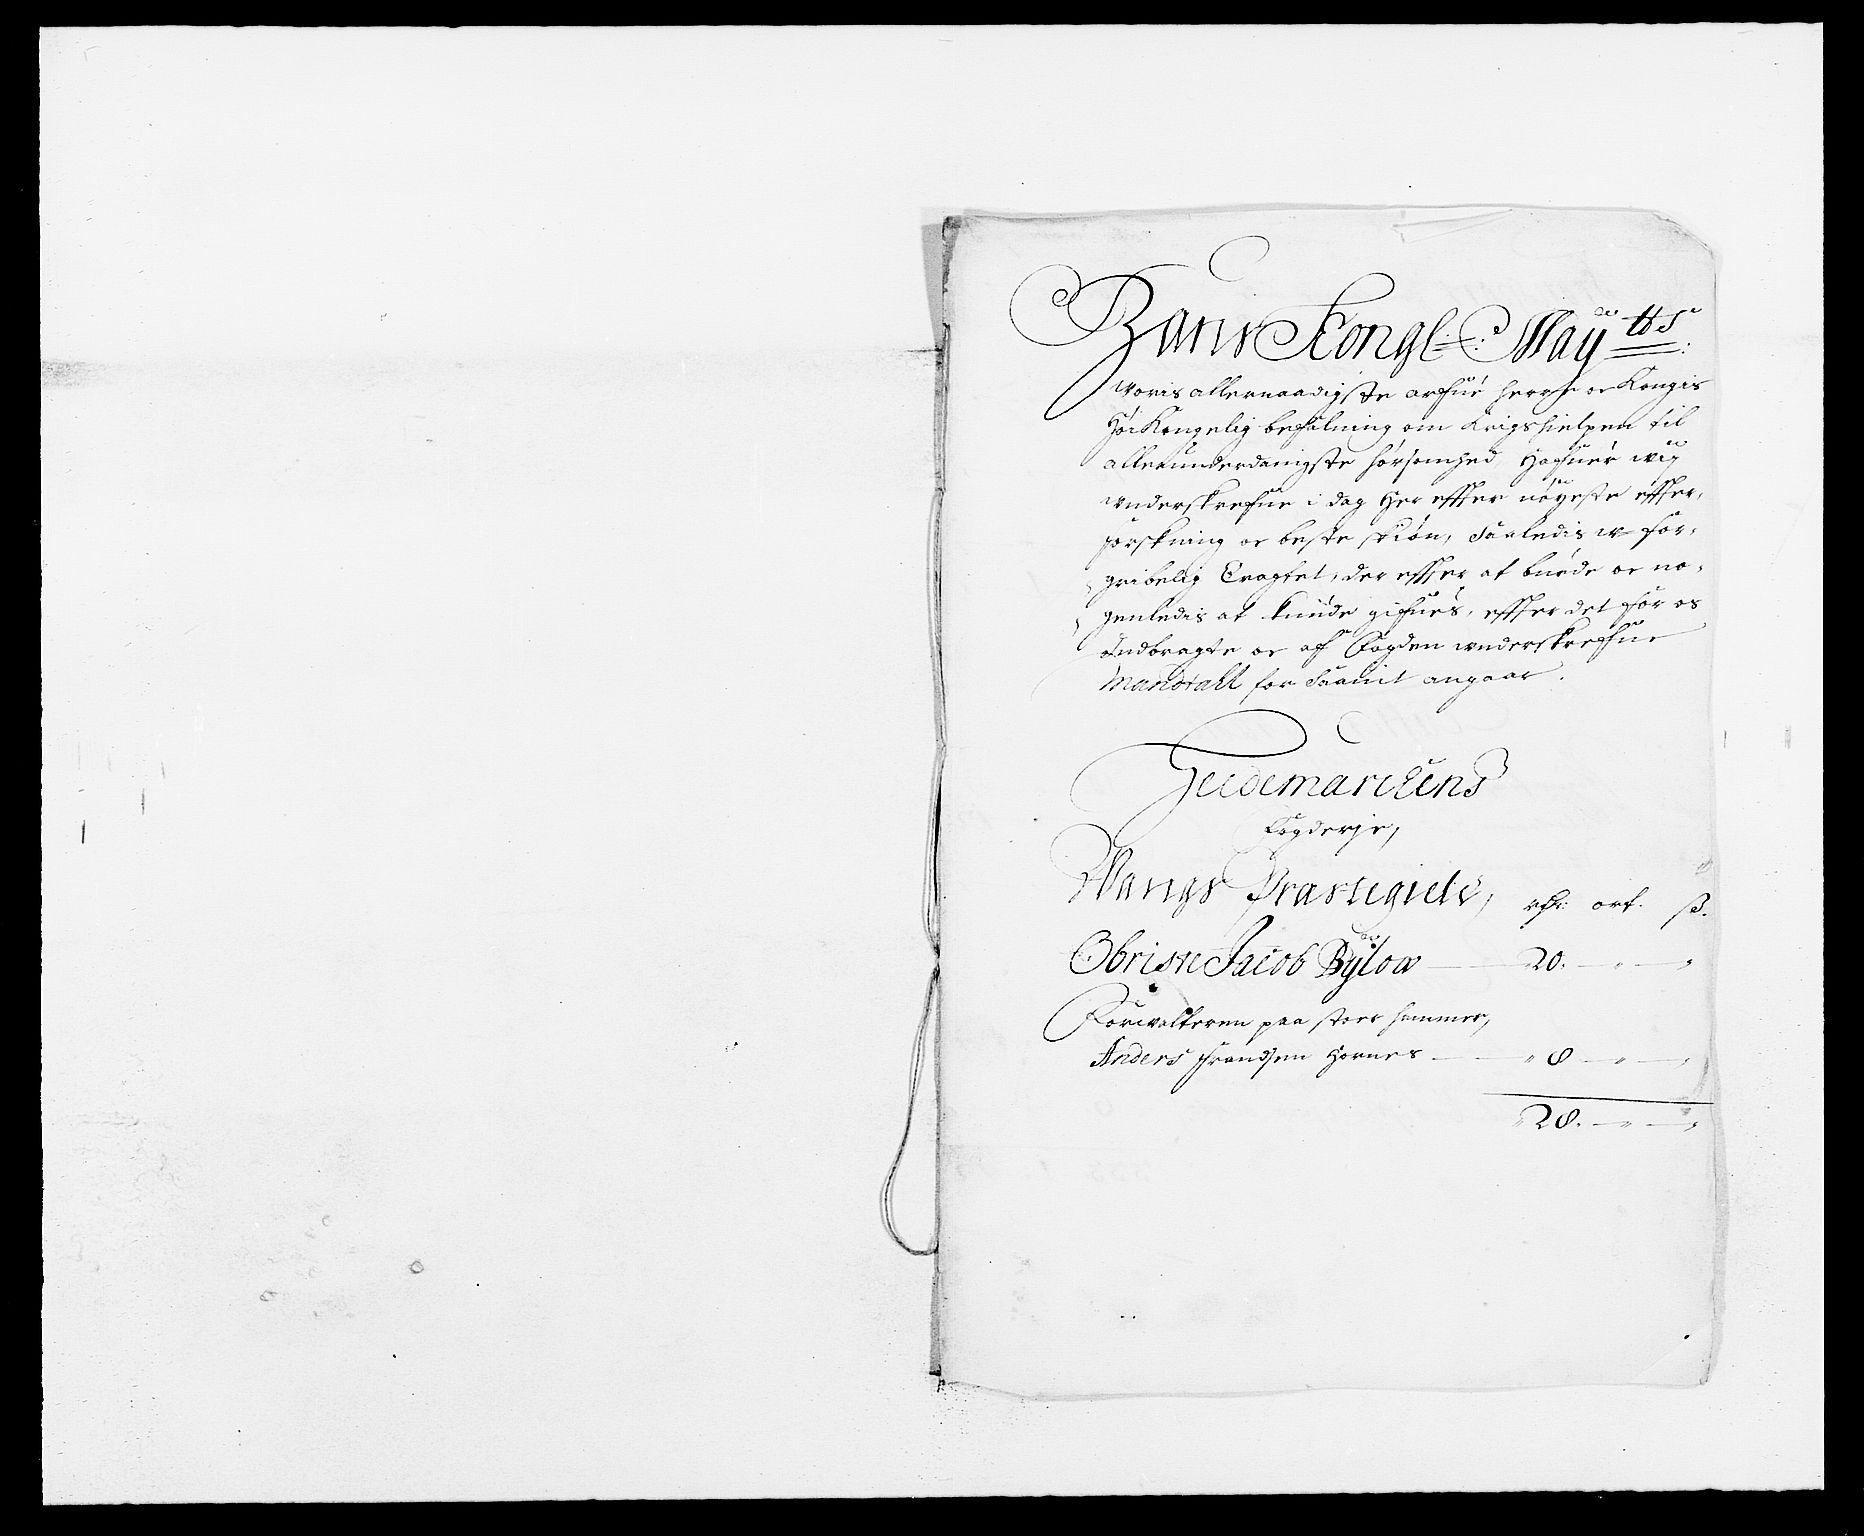 RA, Rentekammeret inntil 1814, Reviderte regnskaper, Fogderegnskap, R16/L1024: Fogderegnskap Hedmark, 1683, s. 250